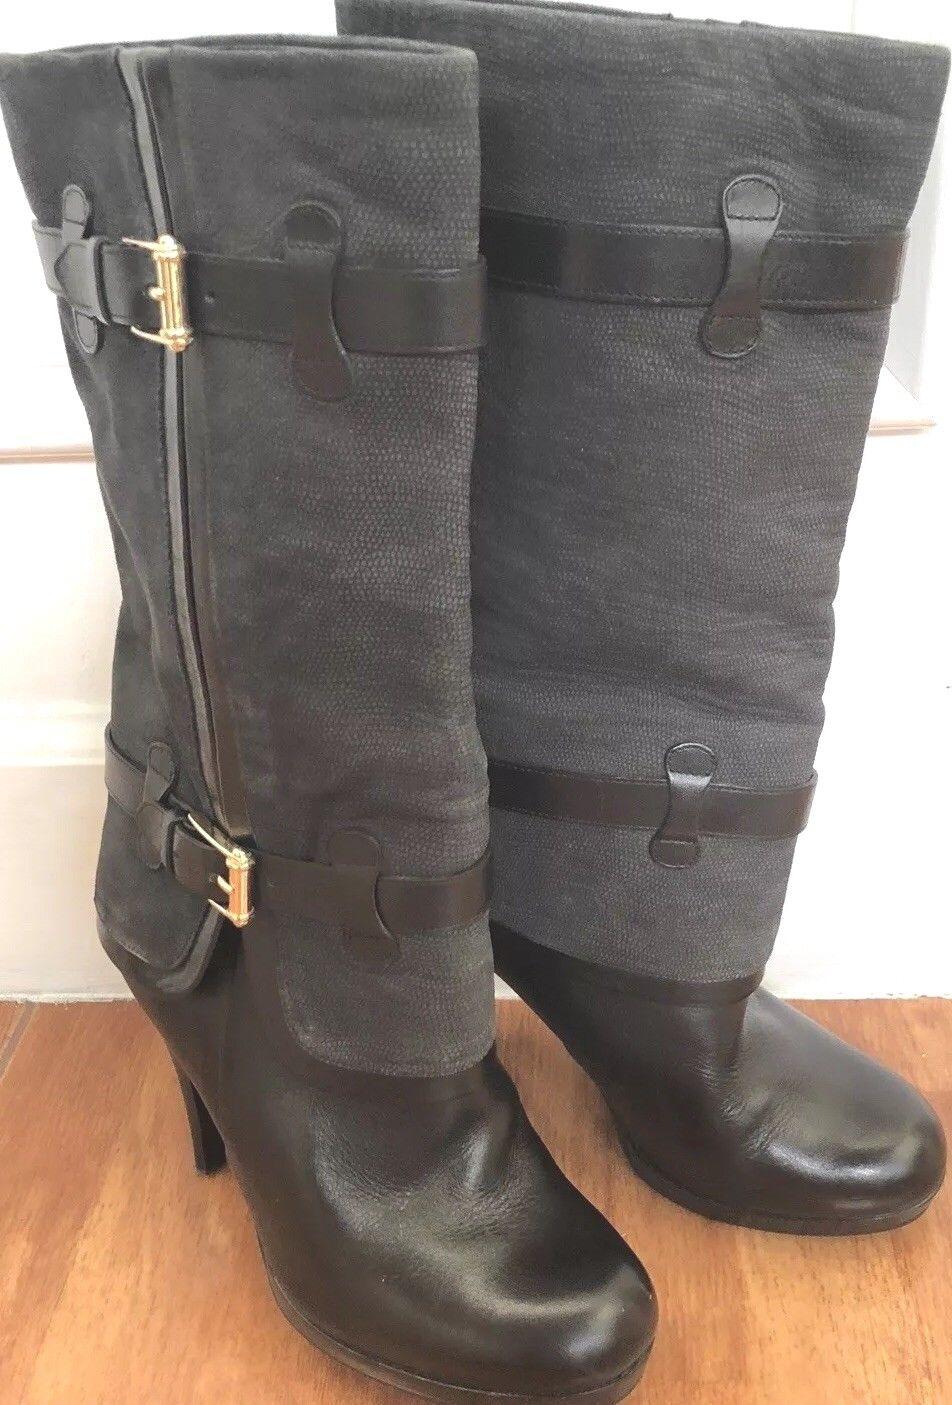 COLE HANN Bottes Noir Noir Clair Genou Femmes Chaussons femmes taille 6 B